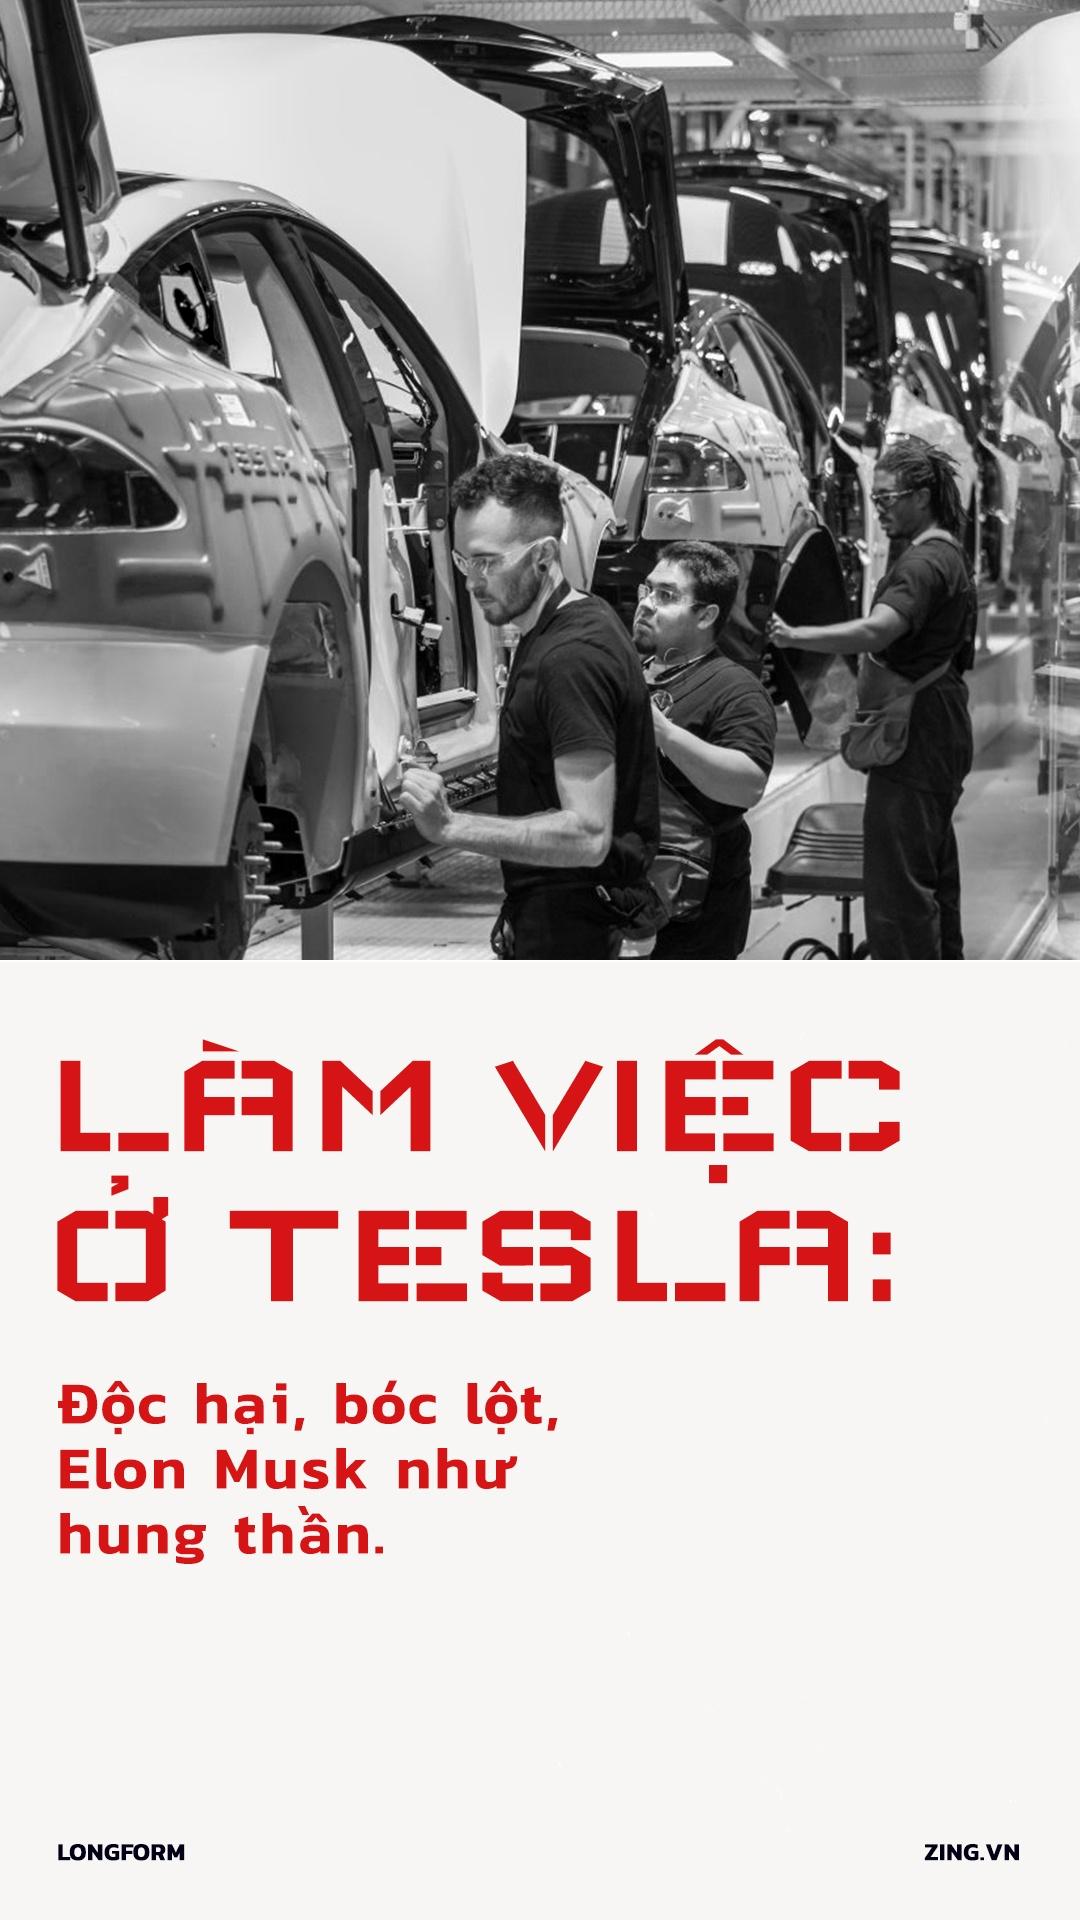 Lam viec o Tesla: Doc hai, boc lot, Elon Musk nhu hung than hinh anh 1